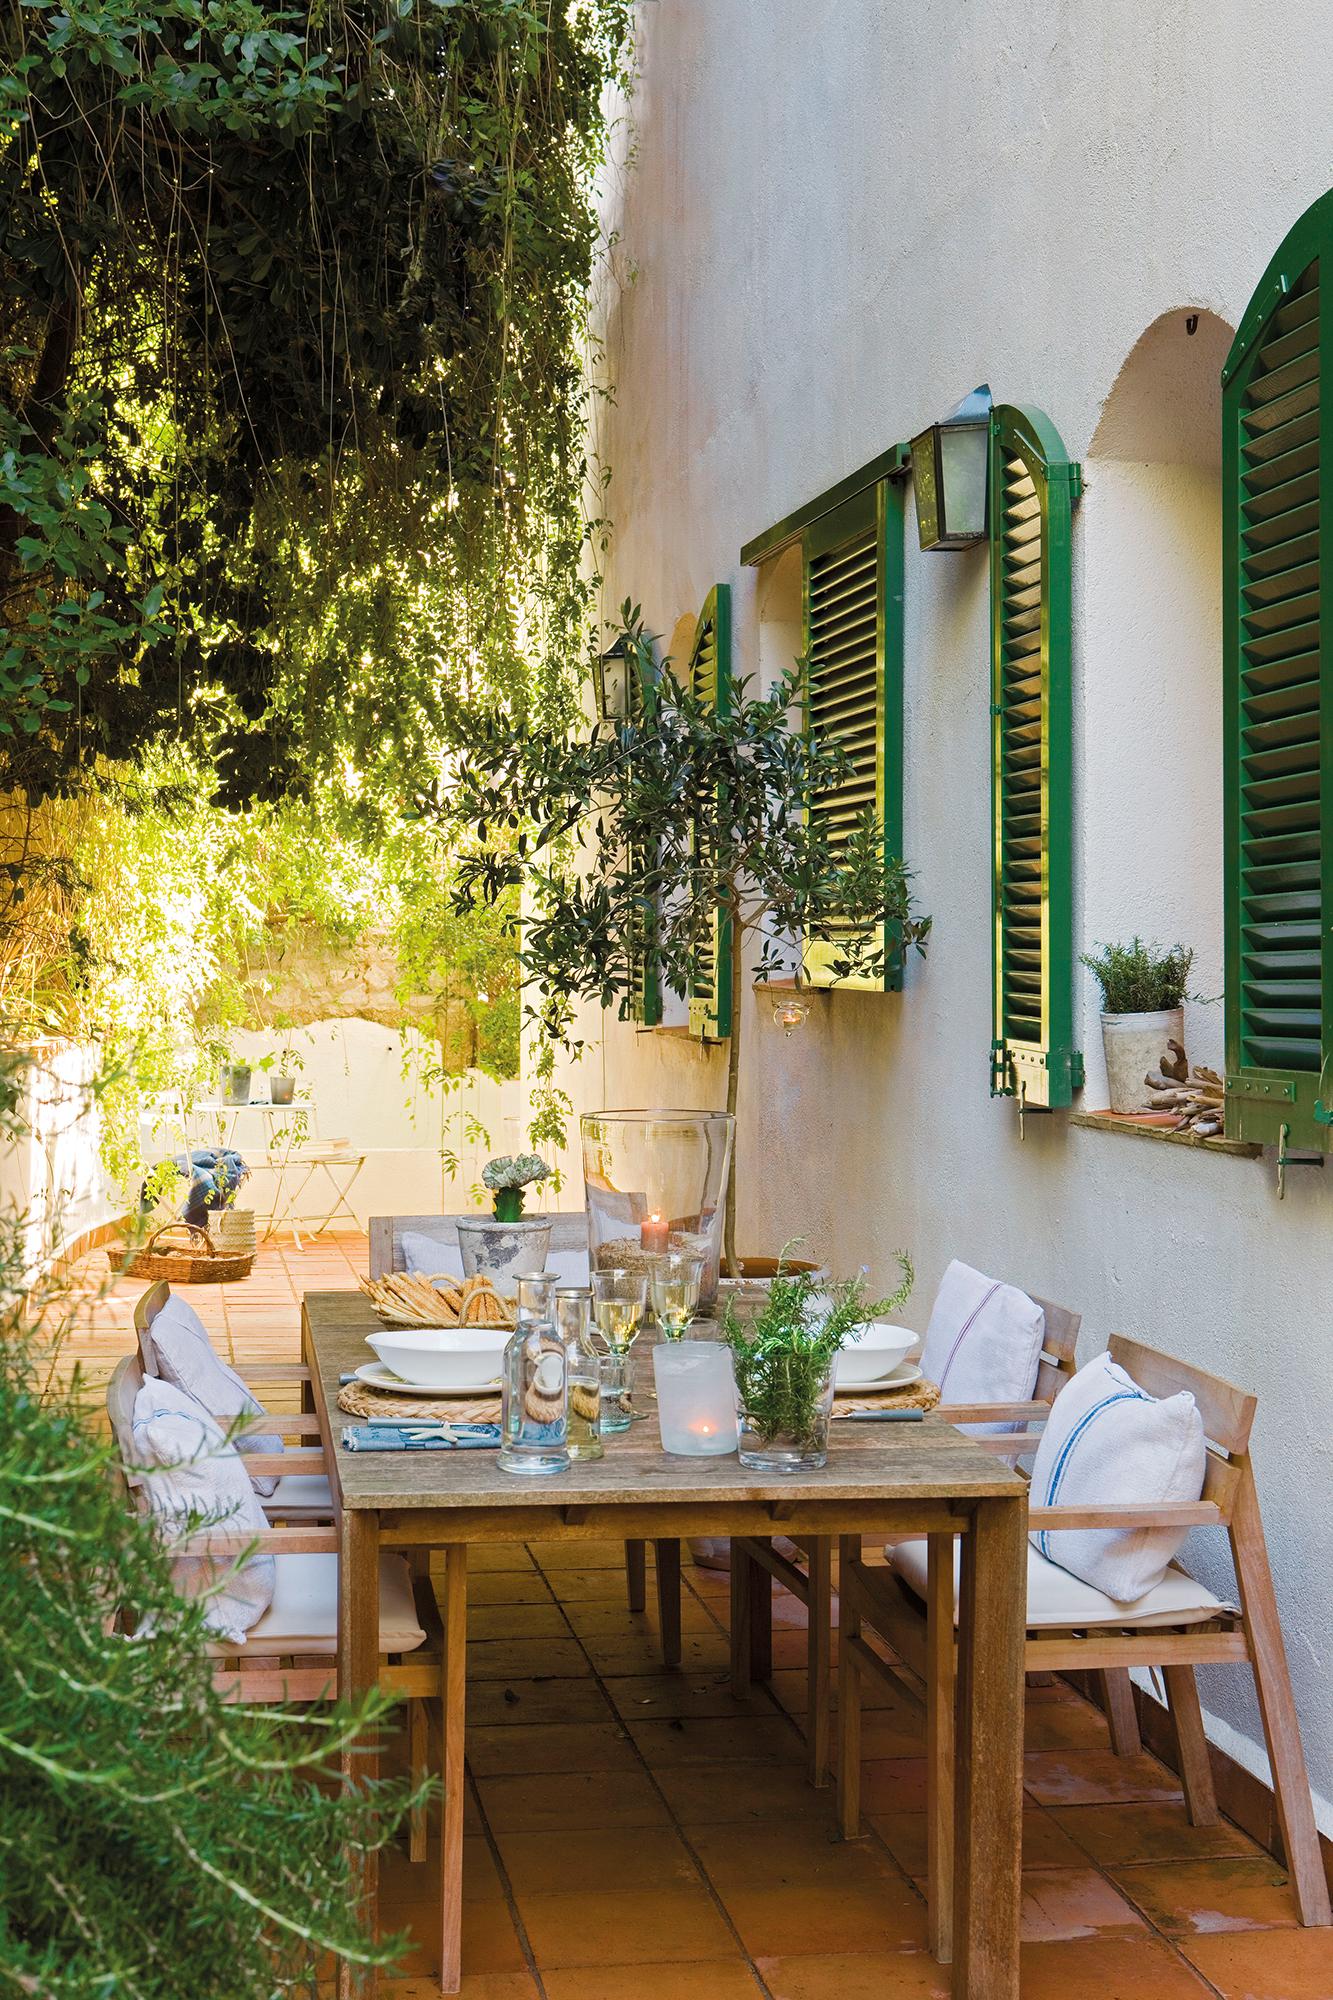 Contraventanas tipos materiales y ventajas for Patios andaluces decoracion